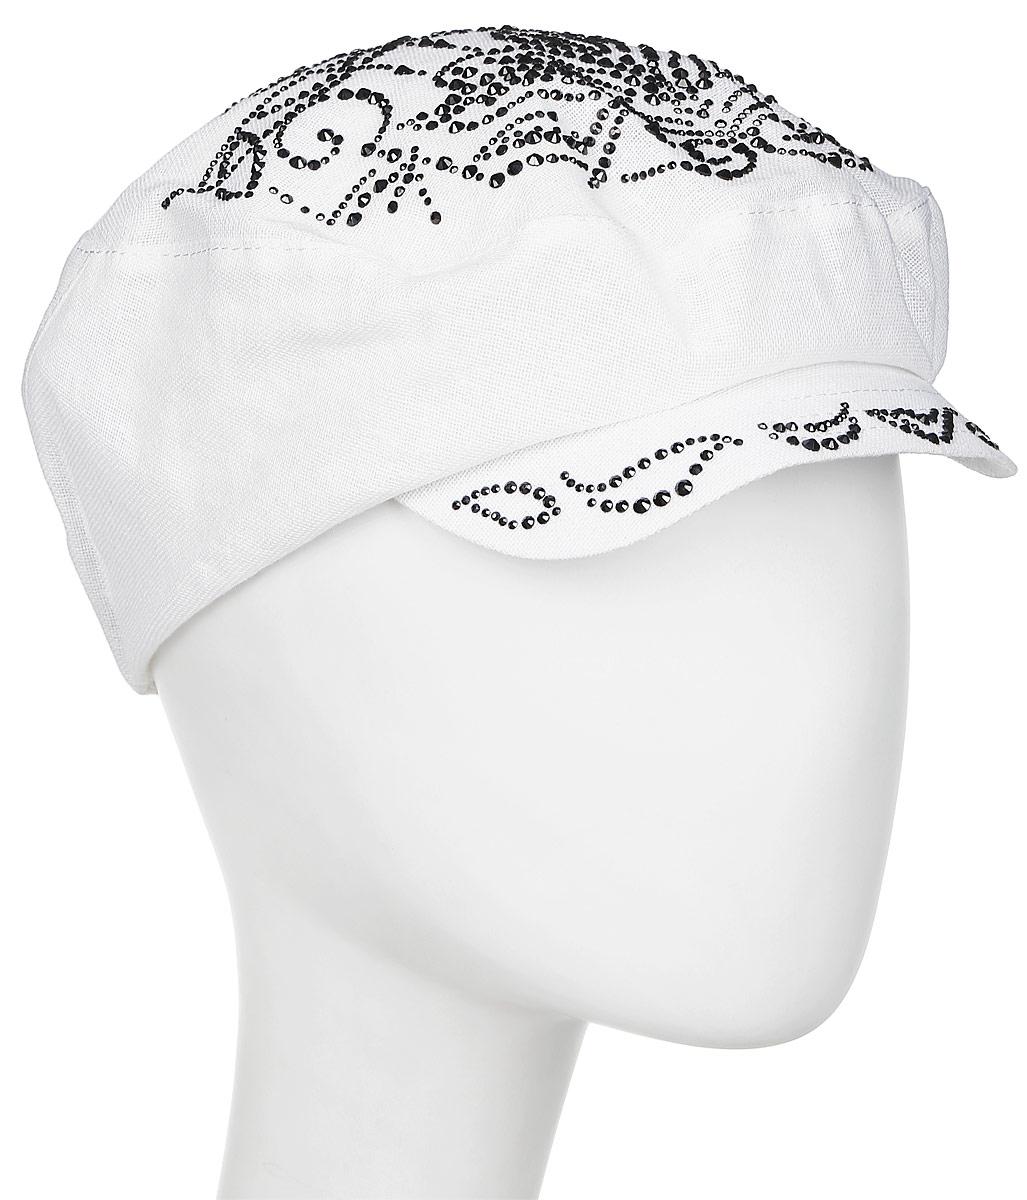 Кепка женская Level Pro, цвет: белый. 392584. Размер 56/58392584Кепка женская Level Pro изготовлена из качественного натурального льна. Ткань сзади собрана на внутреннюю резинку. У модели имеется небольшой козырек. Верхняя часть и козырек кепки декорированы стразами.